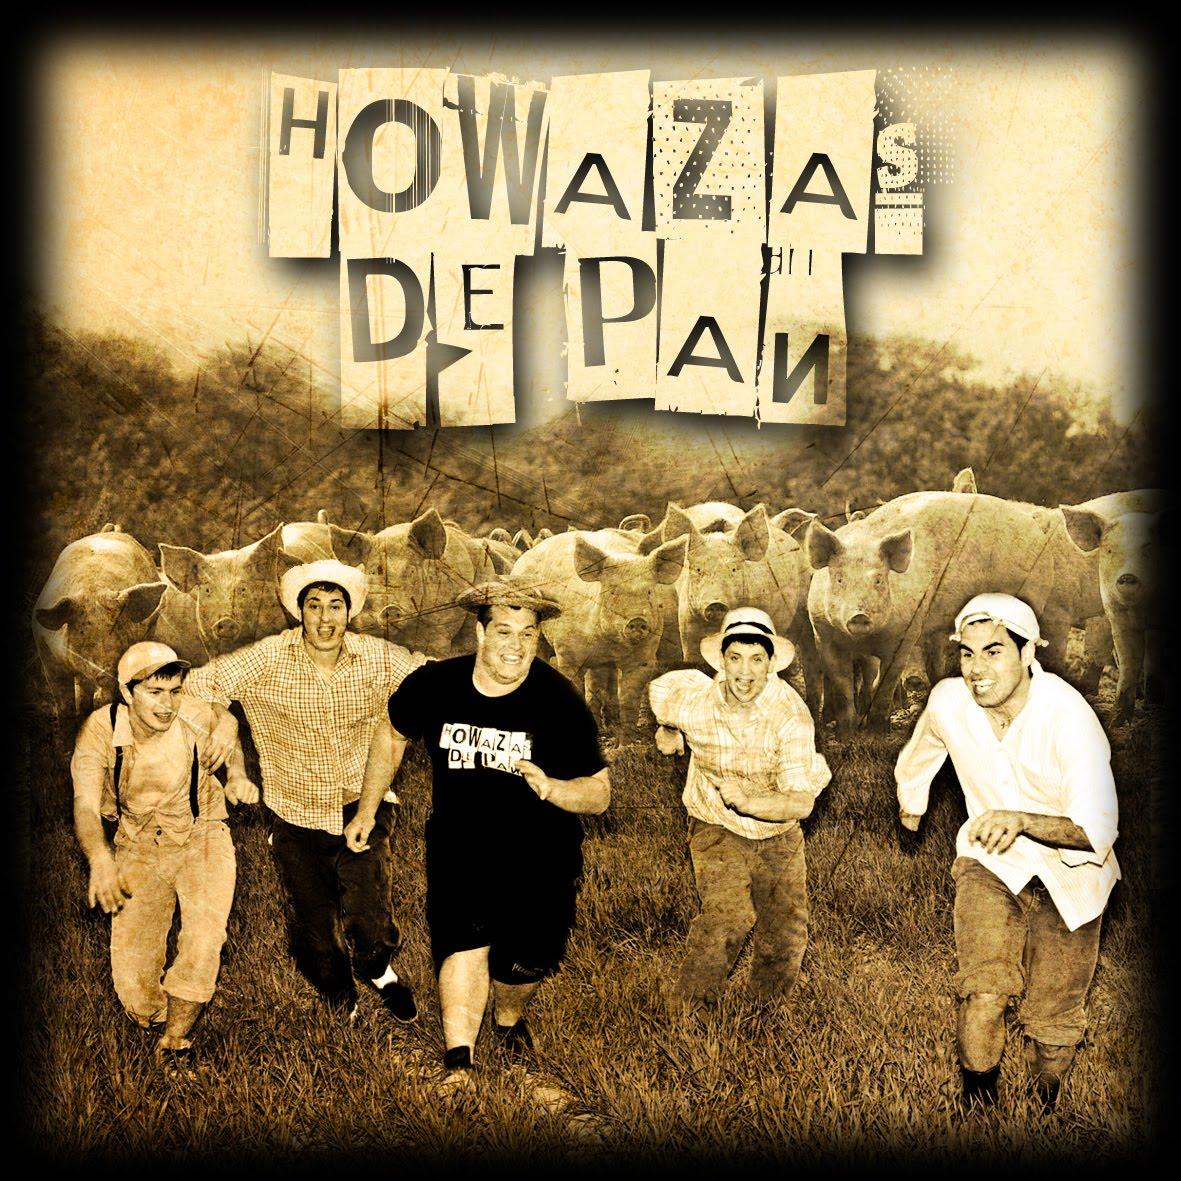 Portada Howazas de Pan zgz conciertos